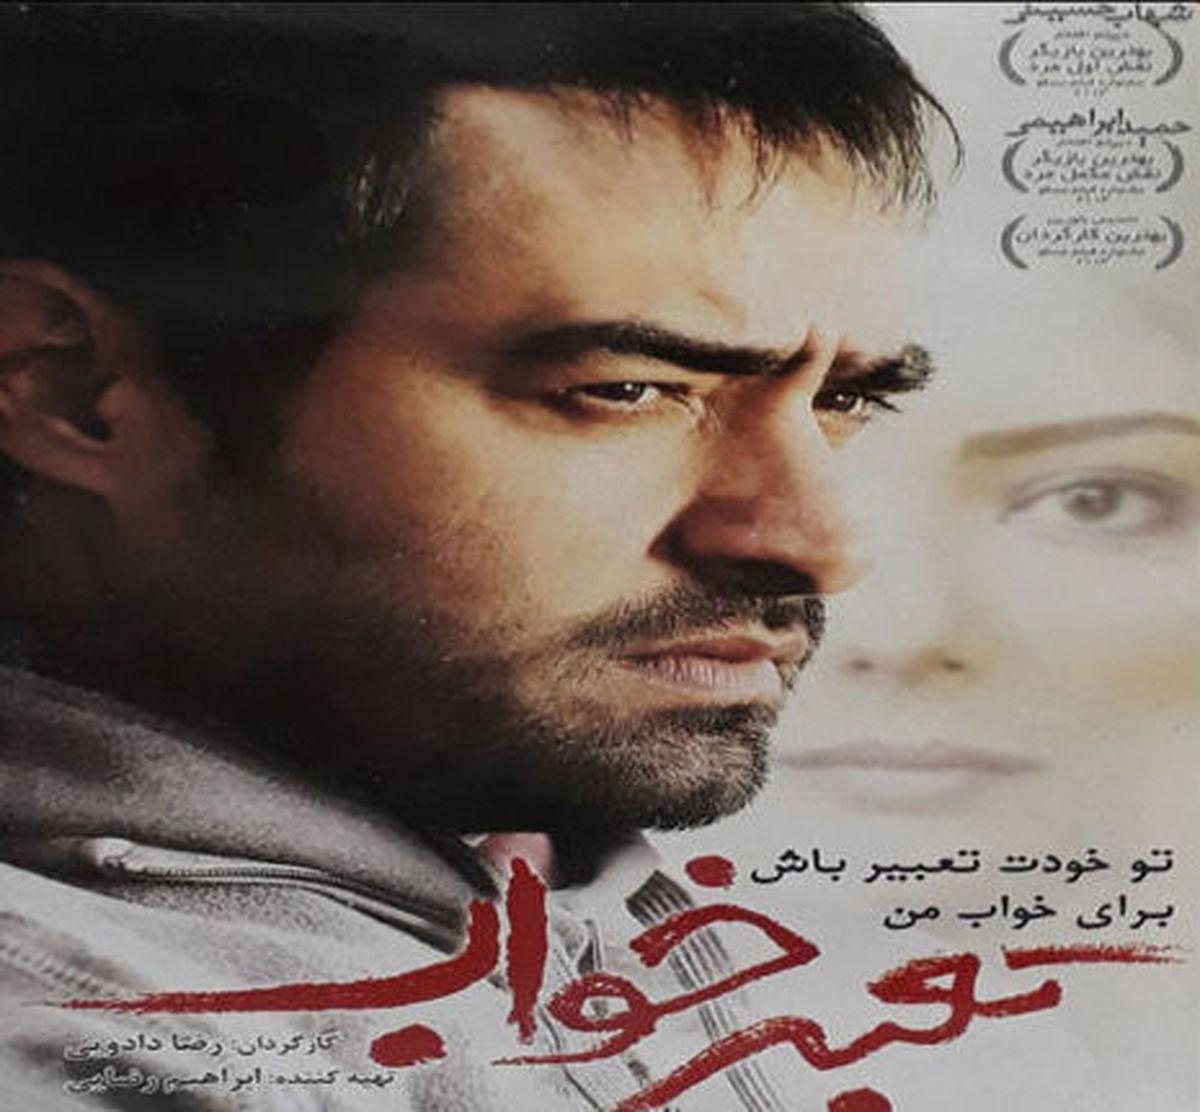 شهاب حسینی در بالکان  شهاب حسینی چه خوابی دیده بود؟